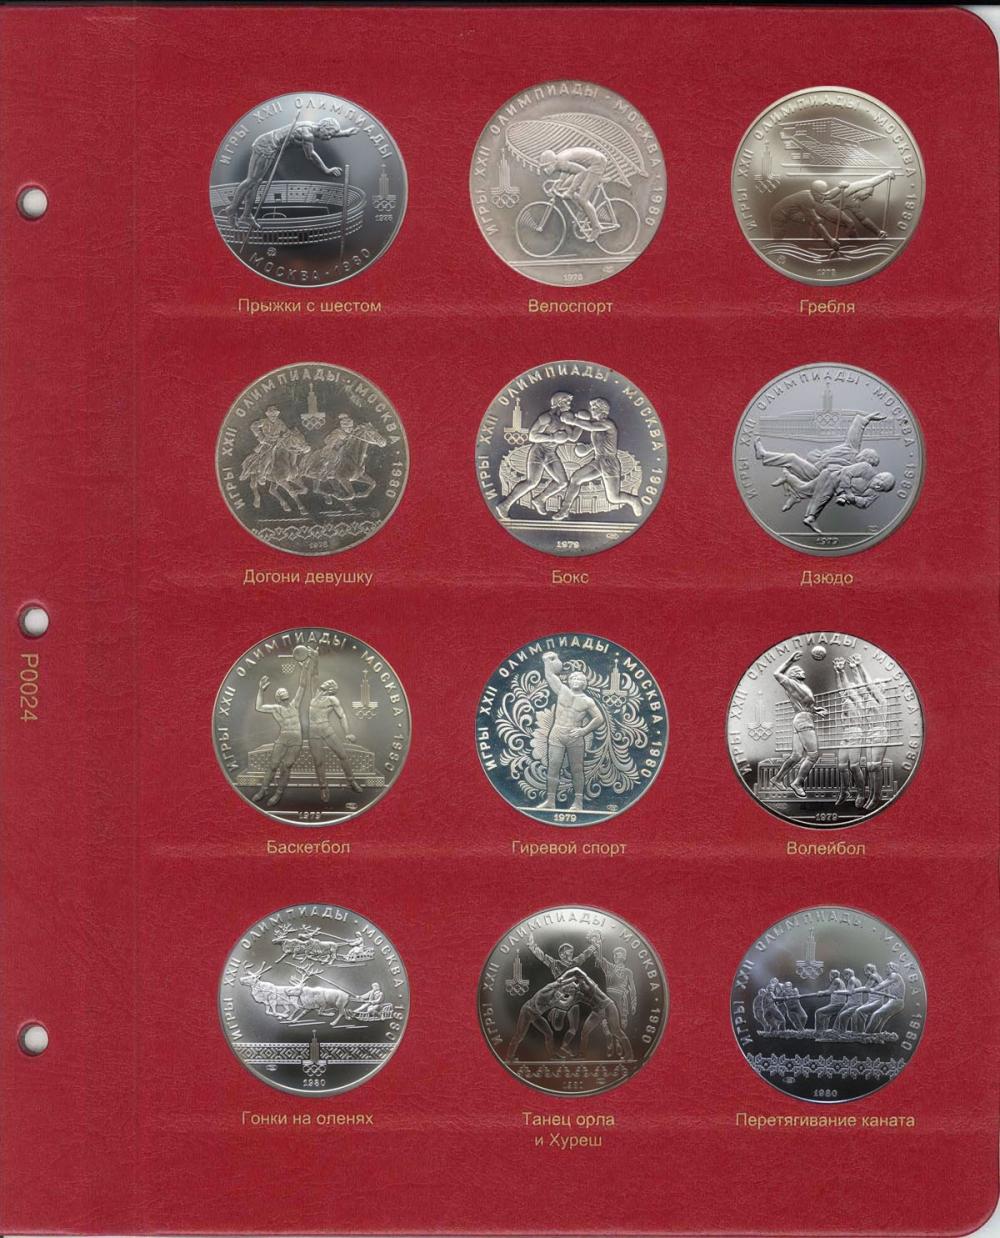 Комплект листов для монет XXII летние Олимпийские игры в Москве, 1980 год - 2